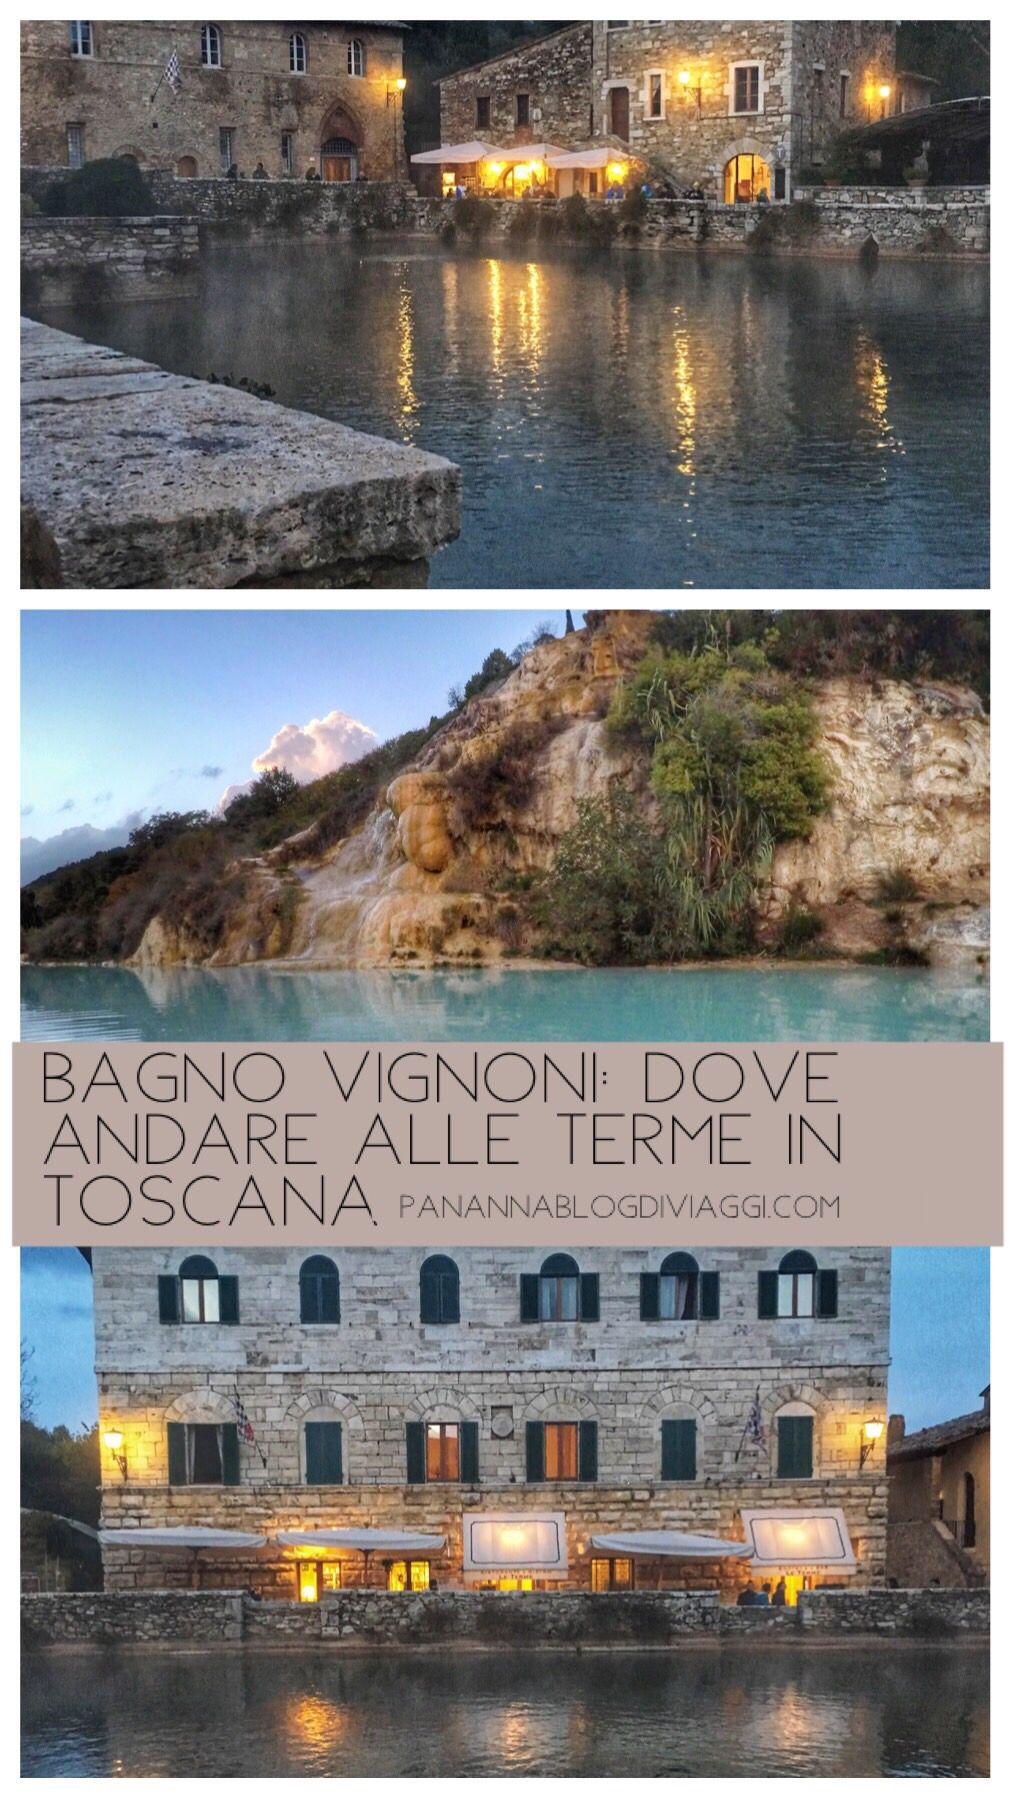 Itinerario 4 Giorni In Toscana Nel 2020 Toscana Viaggi